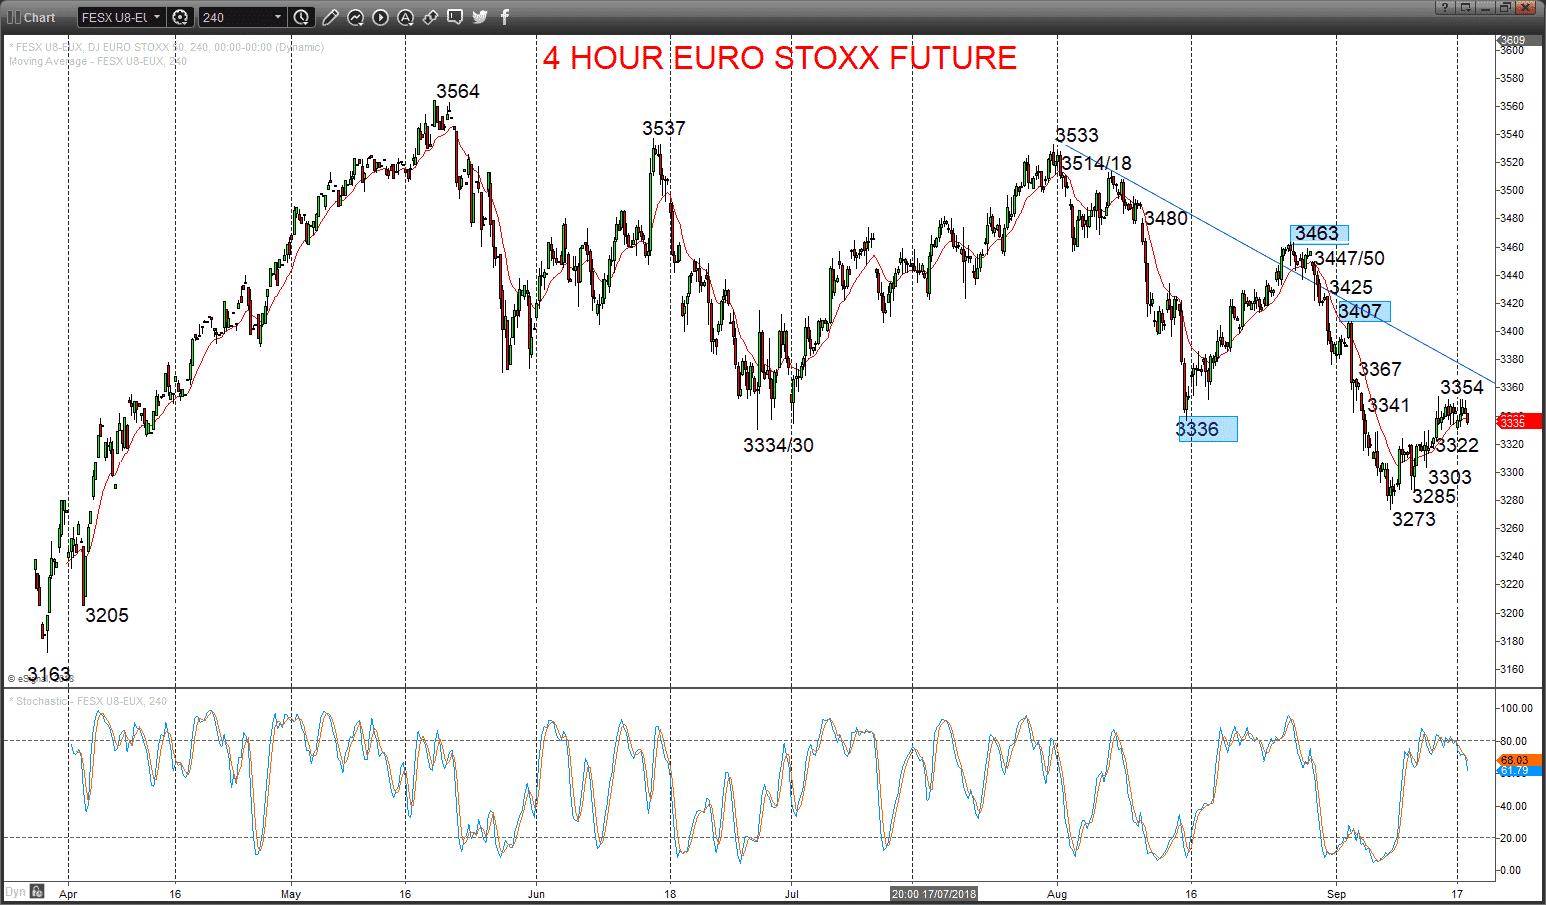 euro stoxx future